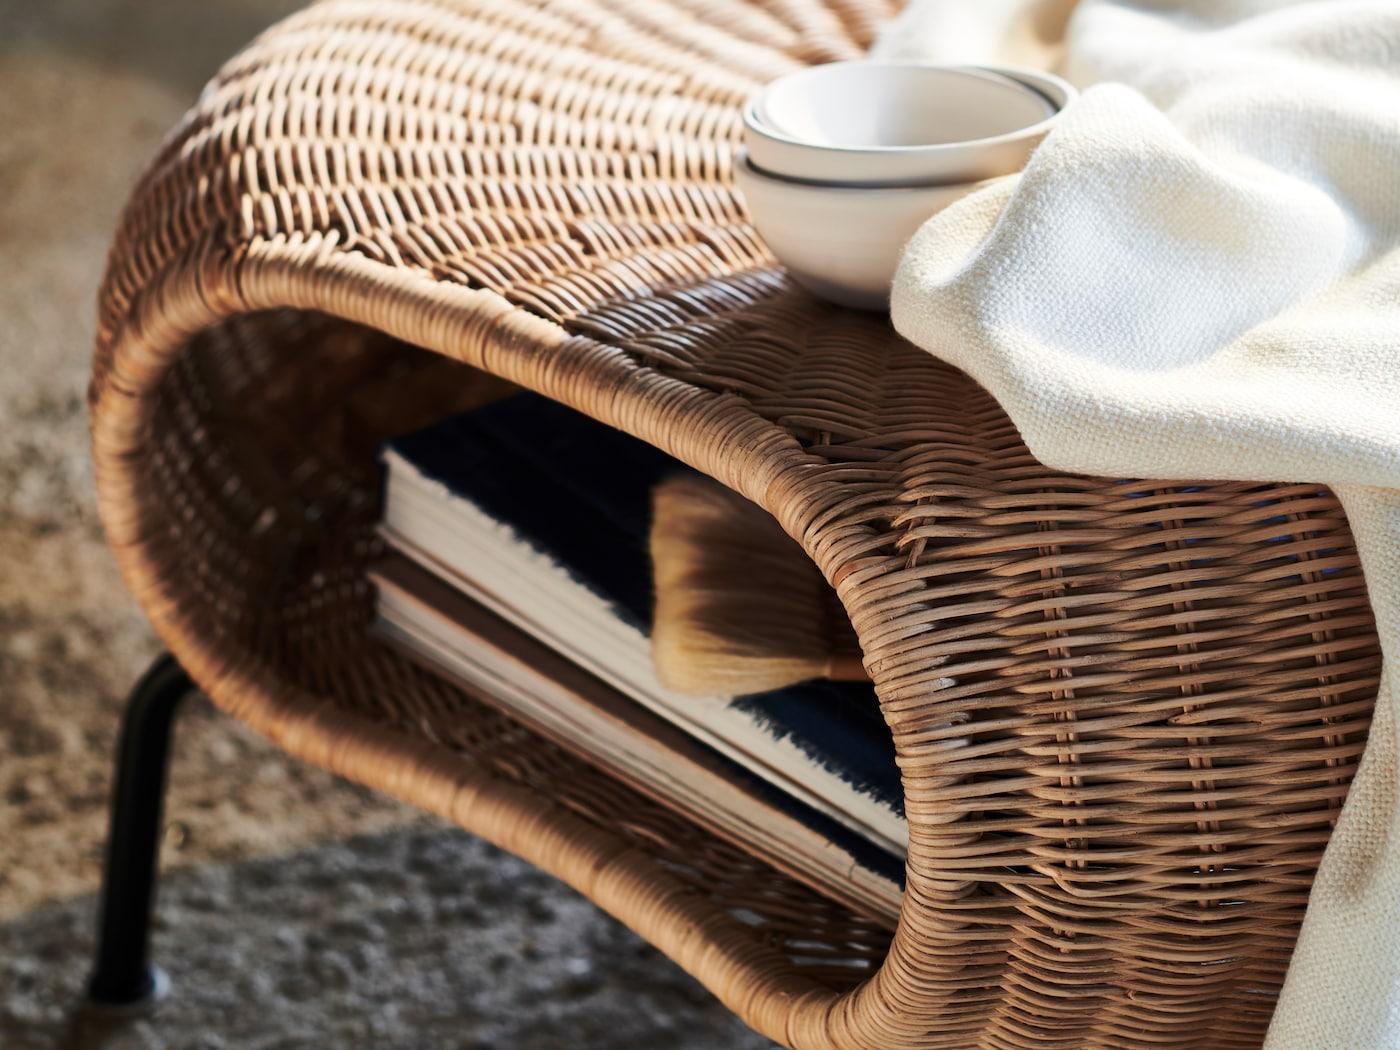 Una manta blanca y tres cuencos blancos en un taburete GAMLEHULT con libros guardados dentro.